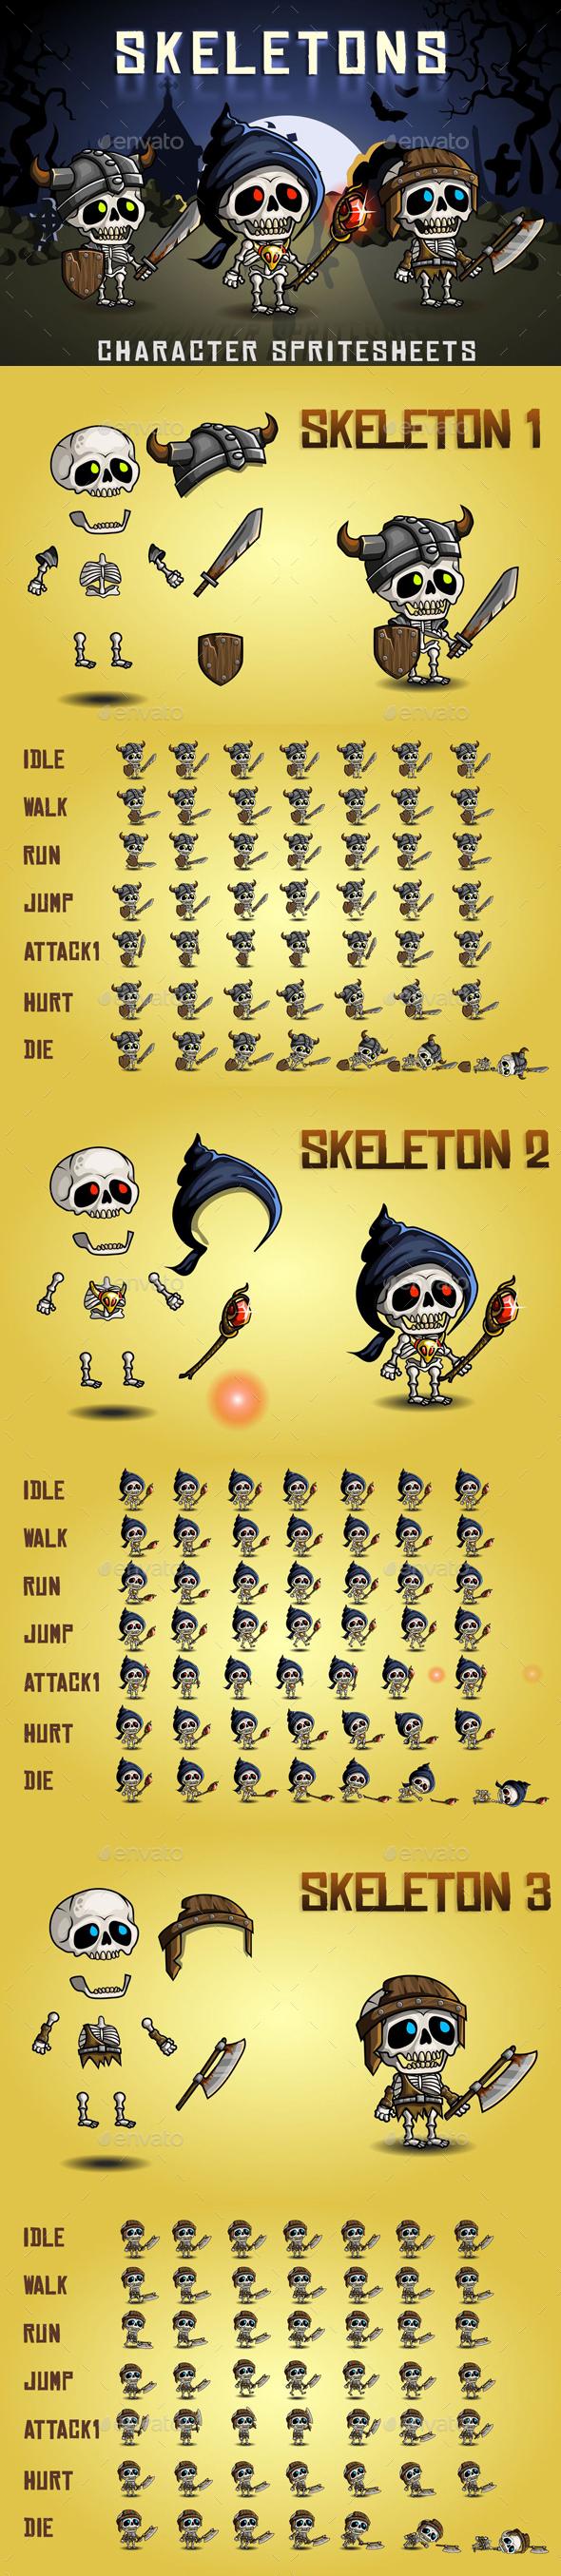 Skeletons 2D Game Character Sprite Sheet - Sprites Game Assets